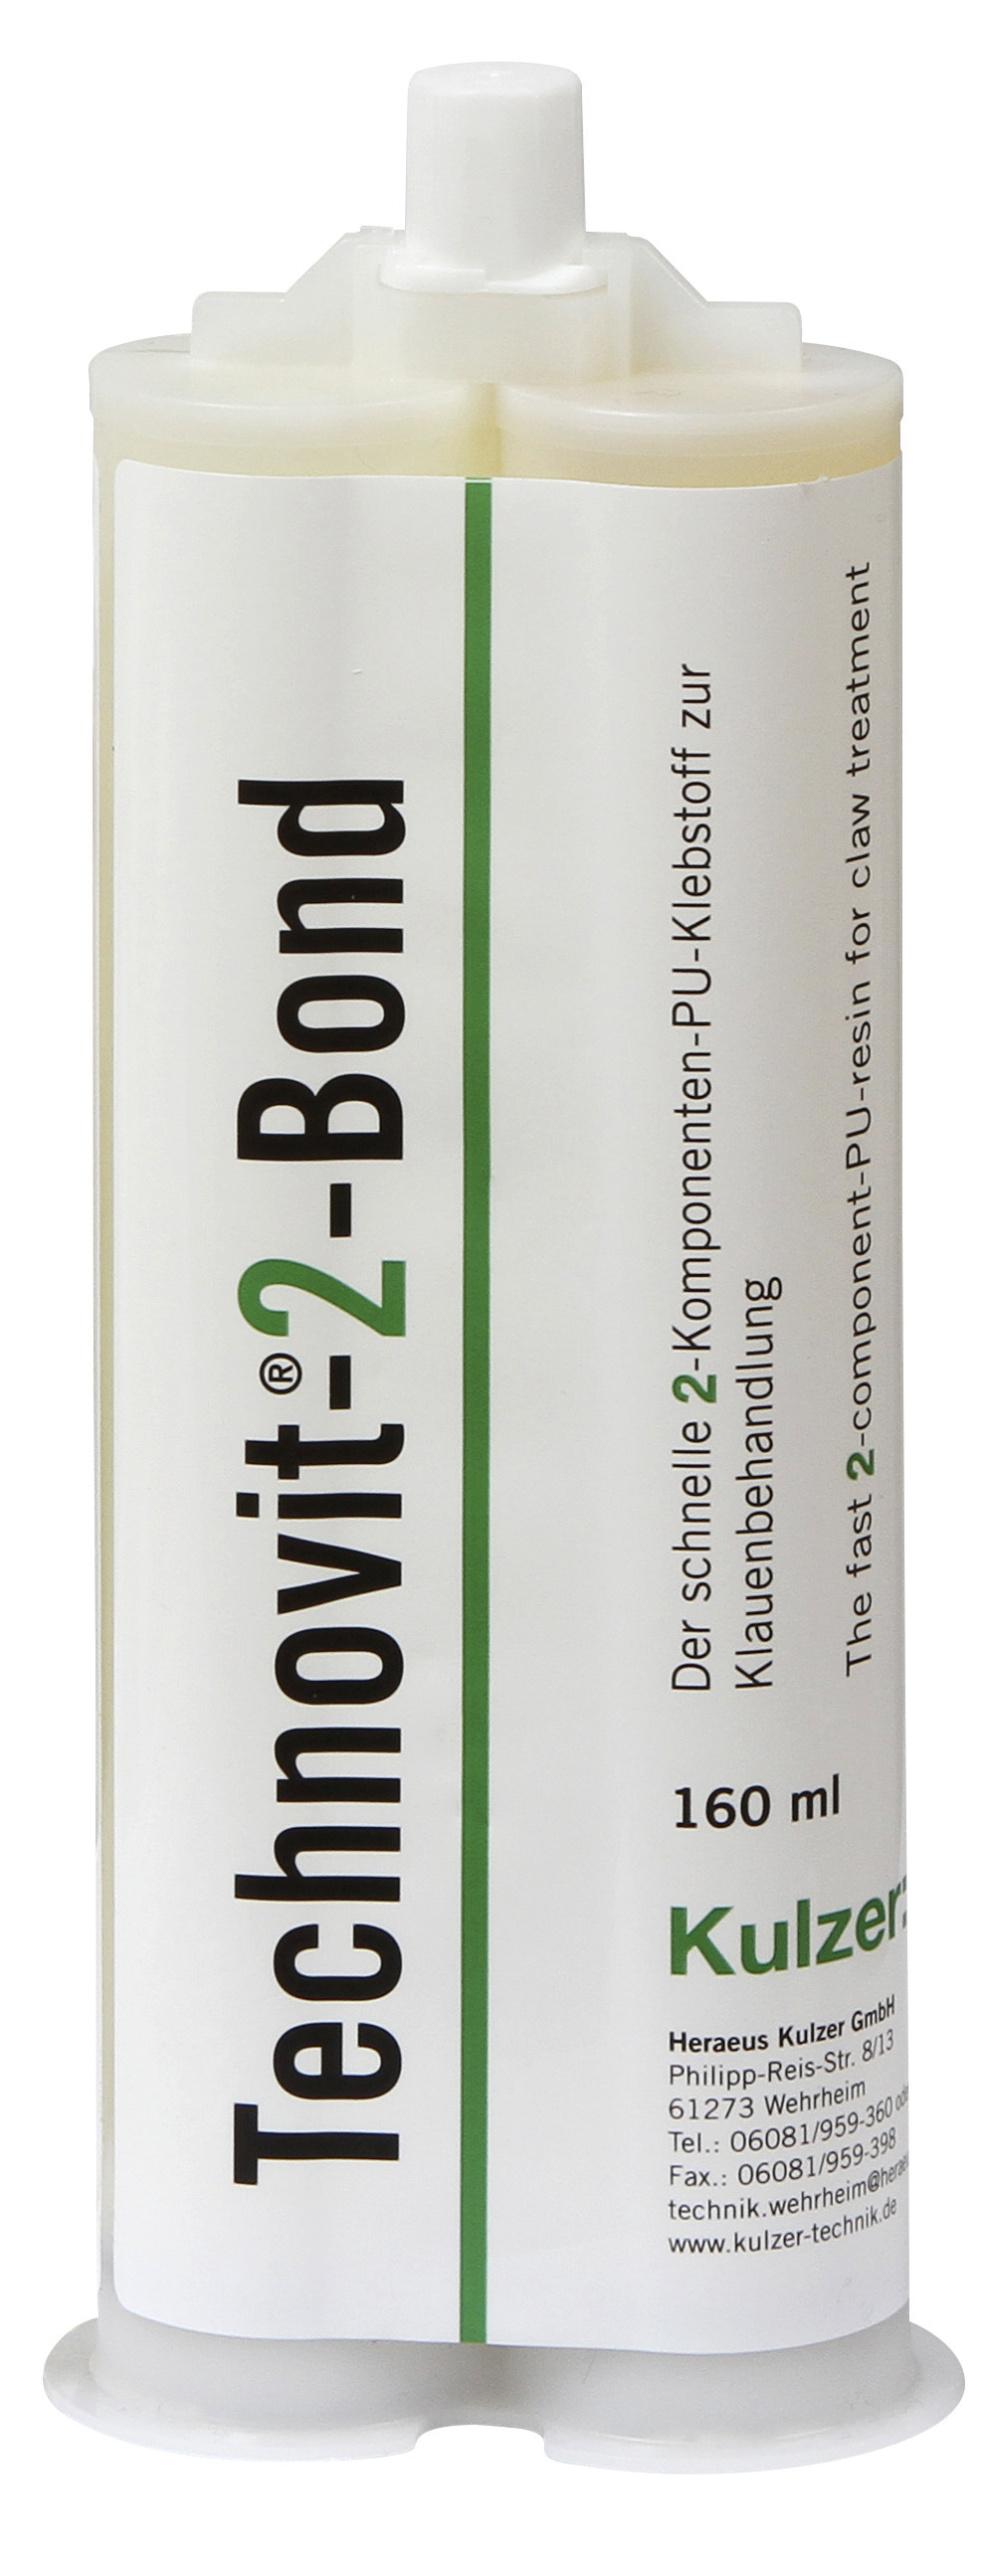 Technovit-2-Bond Kartusche, 160ml